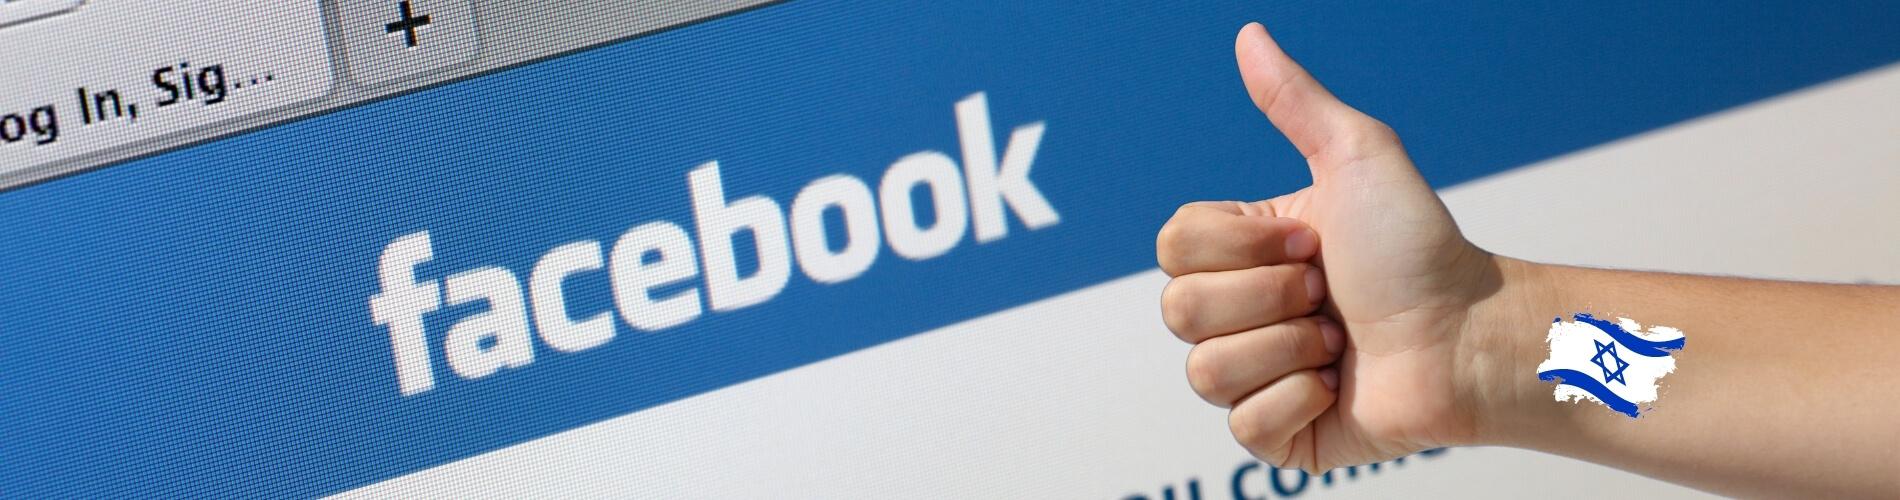 לייקים ישראליים לפייסבוק דיגיטל בוסט